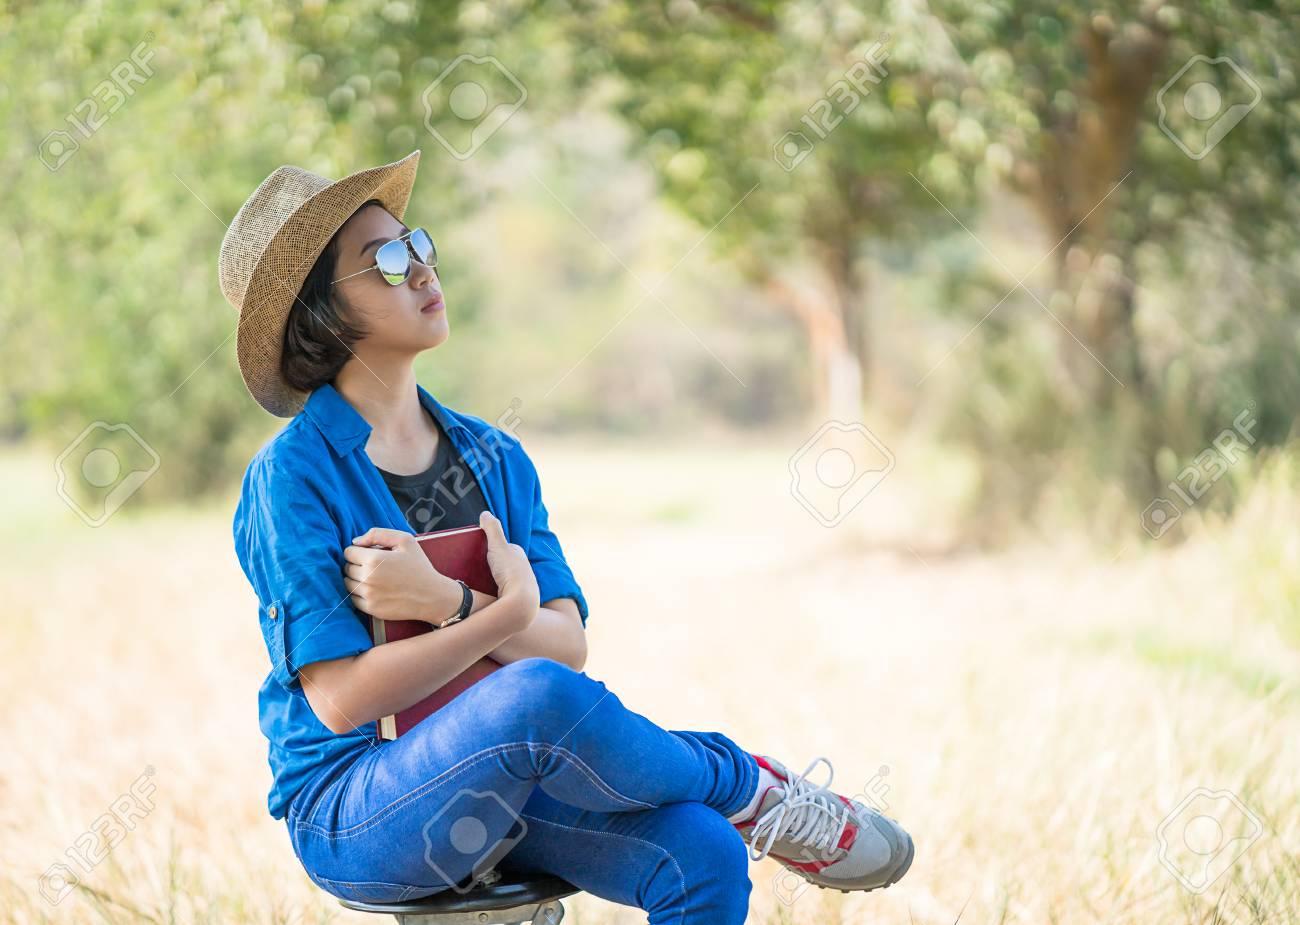 Asiatiche Di Giovani Cappello Dei Donne Scarsità Usura Capelli Le ngatZExqn